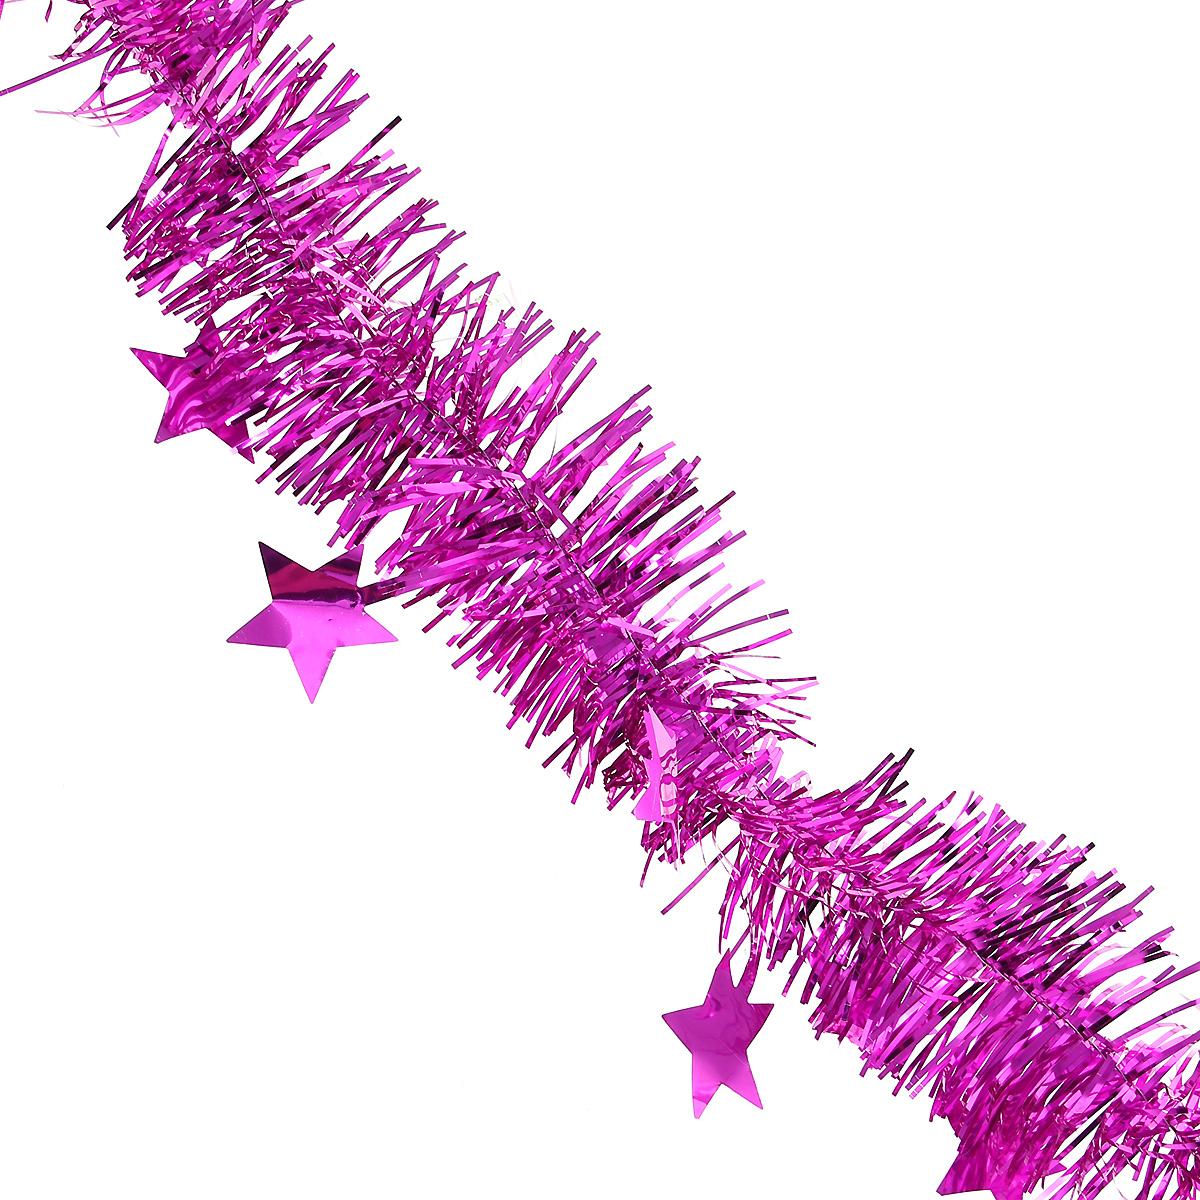 Мишура новогодняя Magic Time, со звездами, диаметр 6 см, длина 200 см, цвет: фиолетовый. 3490034900Новогодняя мишура Magic Time, выполненная из ПЭТ (Полиэтилентерефталат), поможет вам украсить свой дом к предстоящим праздникам. Изделие выполнено в виде скрученной косички. Новогодняя елка с таким украшением станет еще наряднее. Мишура армирована, то есть имеет проволоку внутри и способна сохранять форму. Новогодней мишурой можно украсить все, что угодно - елку, квартиру, дачу, офис - как внутри, так и снаружи. Можно сложить новогодние поздравления, буквы и цифры, мишурой можно украсить и дополнить гирлянды, можно выделить дверные колонны, оплести дверные проемы. Коллекция декоративных украшений из серии Magic Time принесет в ваш дом ни с чем несравнимое ощущение волшебства! Создайте в своем доме атмосферу тепла, веселья и радости, украшая его всей семьей.